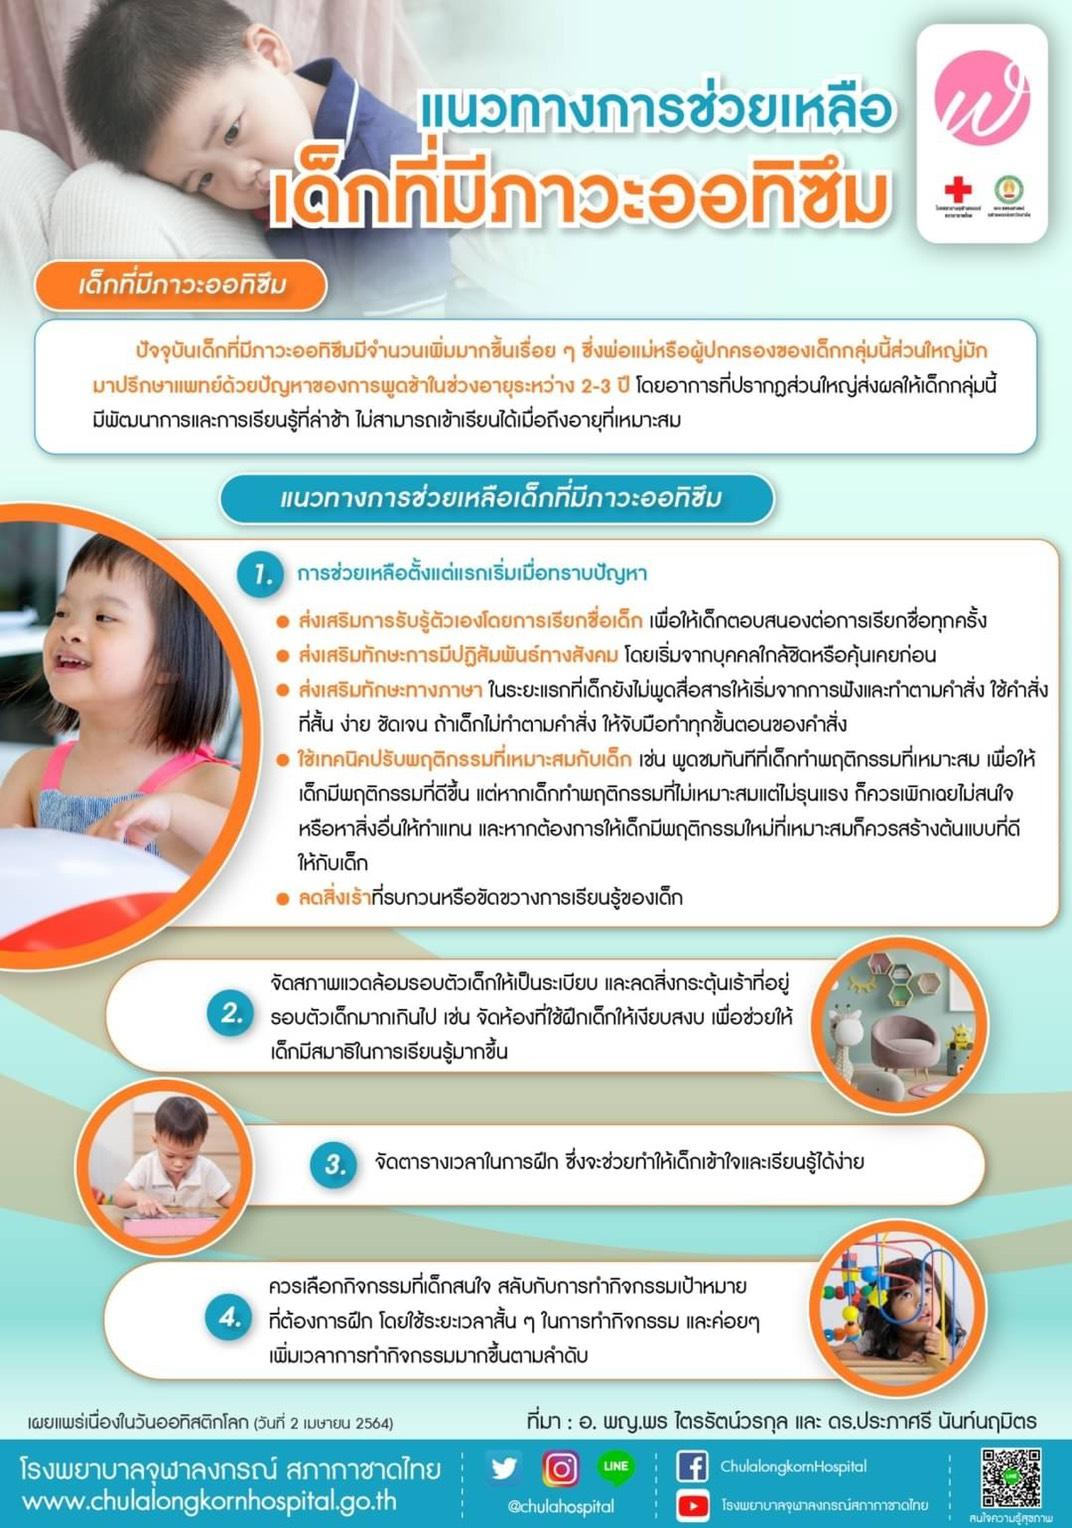 แนวทางการช่วยเหลือเด็กที่มีภาวะออทิซึม